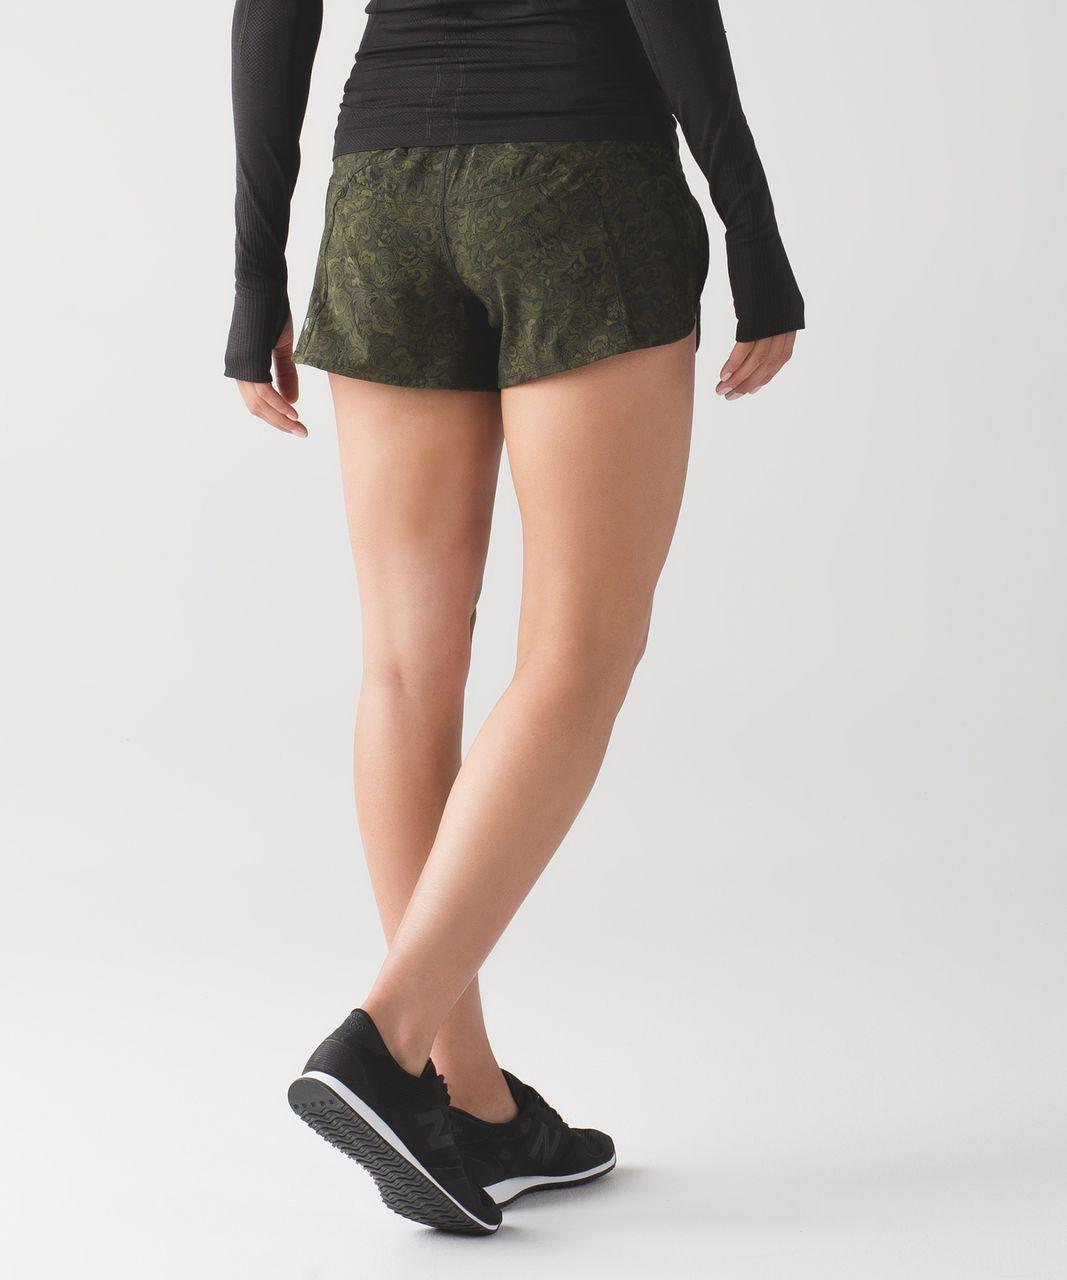 Lululemon Tracker Short IV - Mini Pencil Lace Brave Olive Black / Black